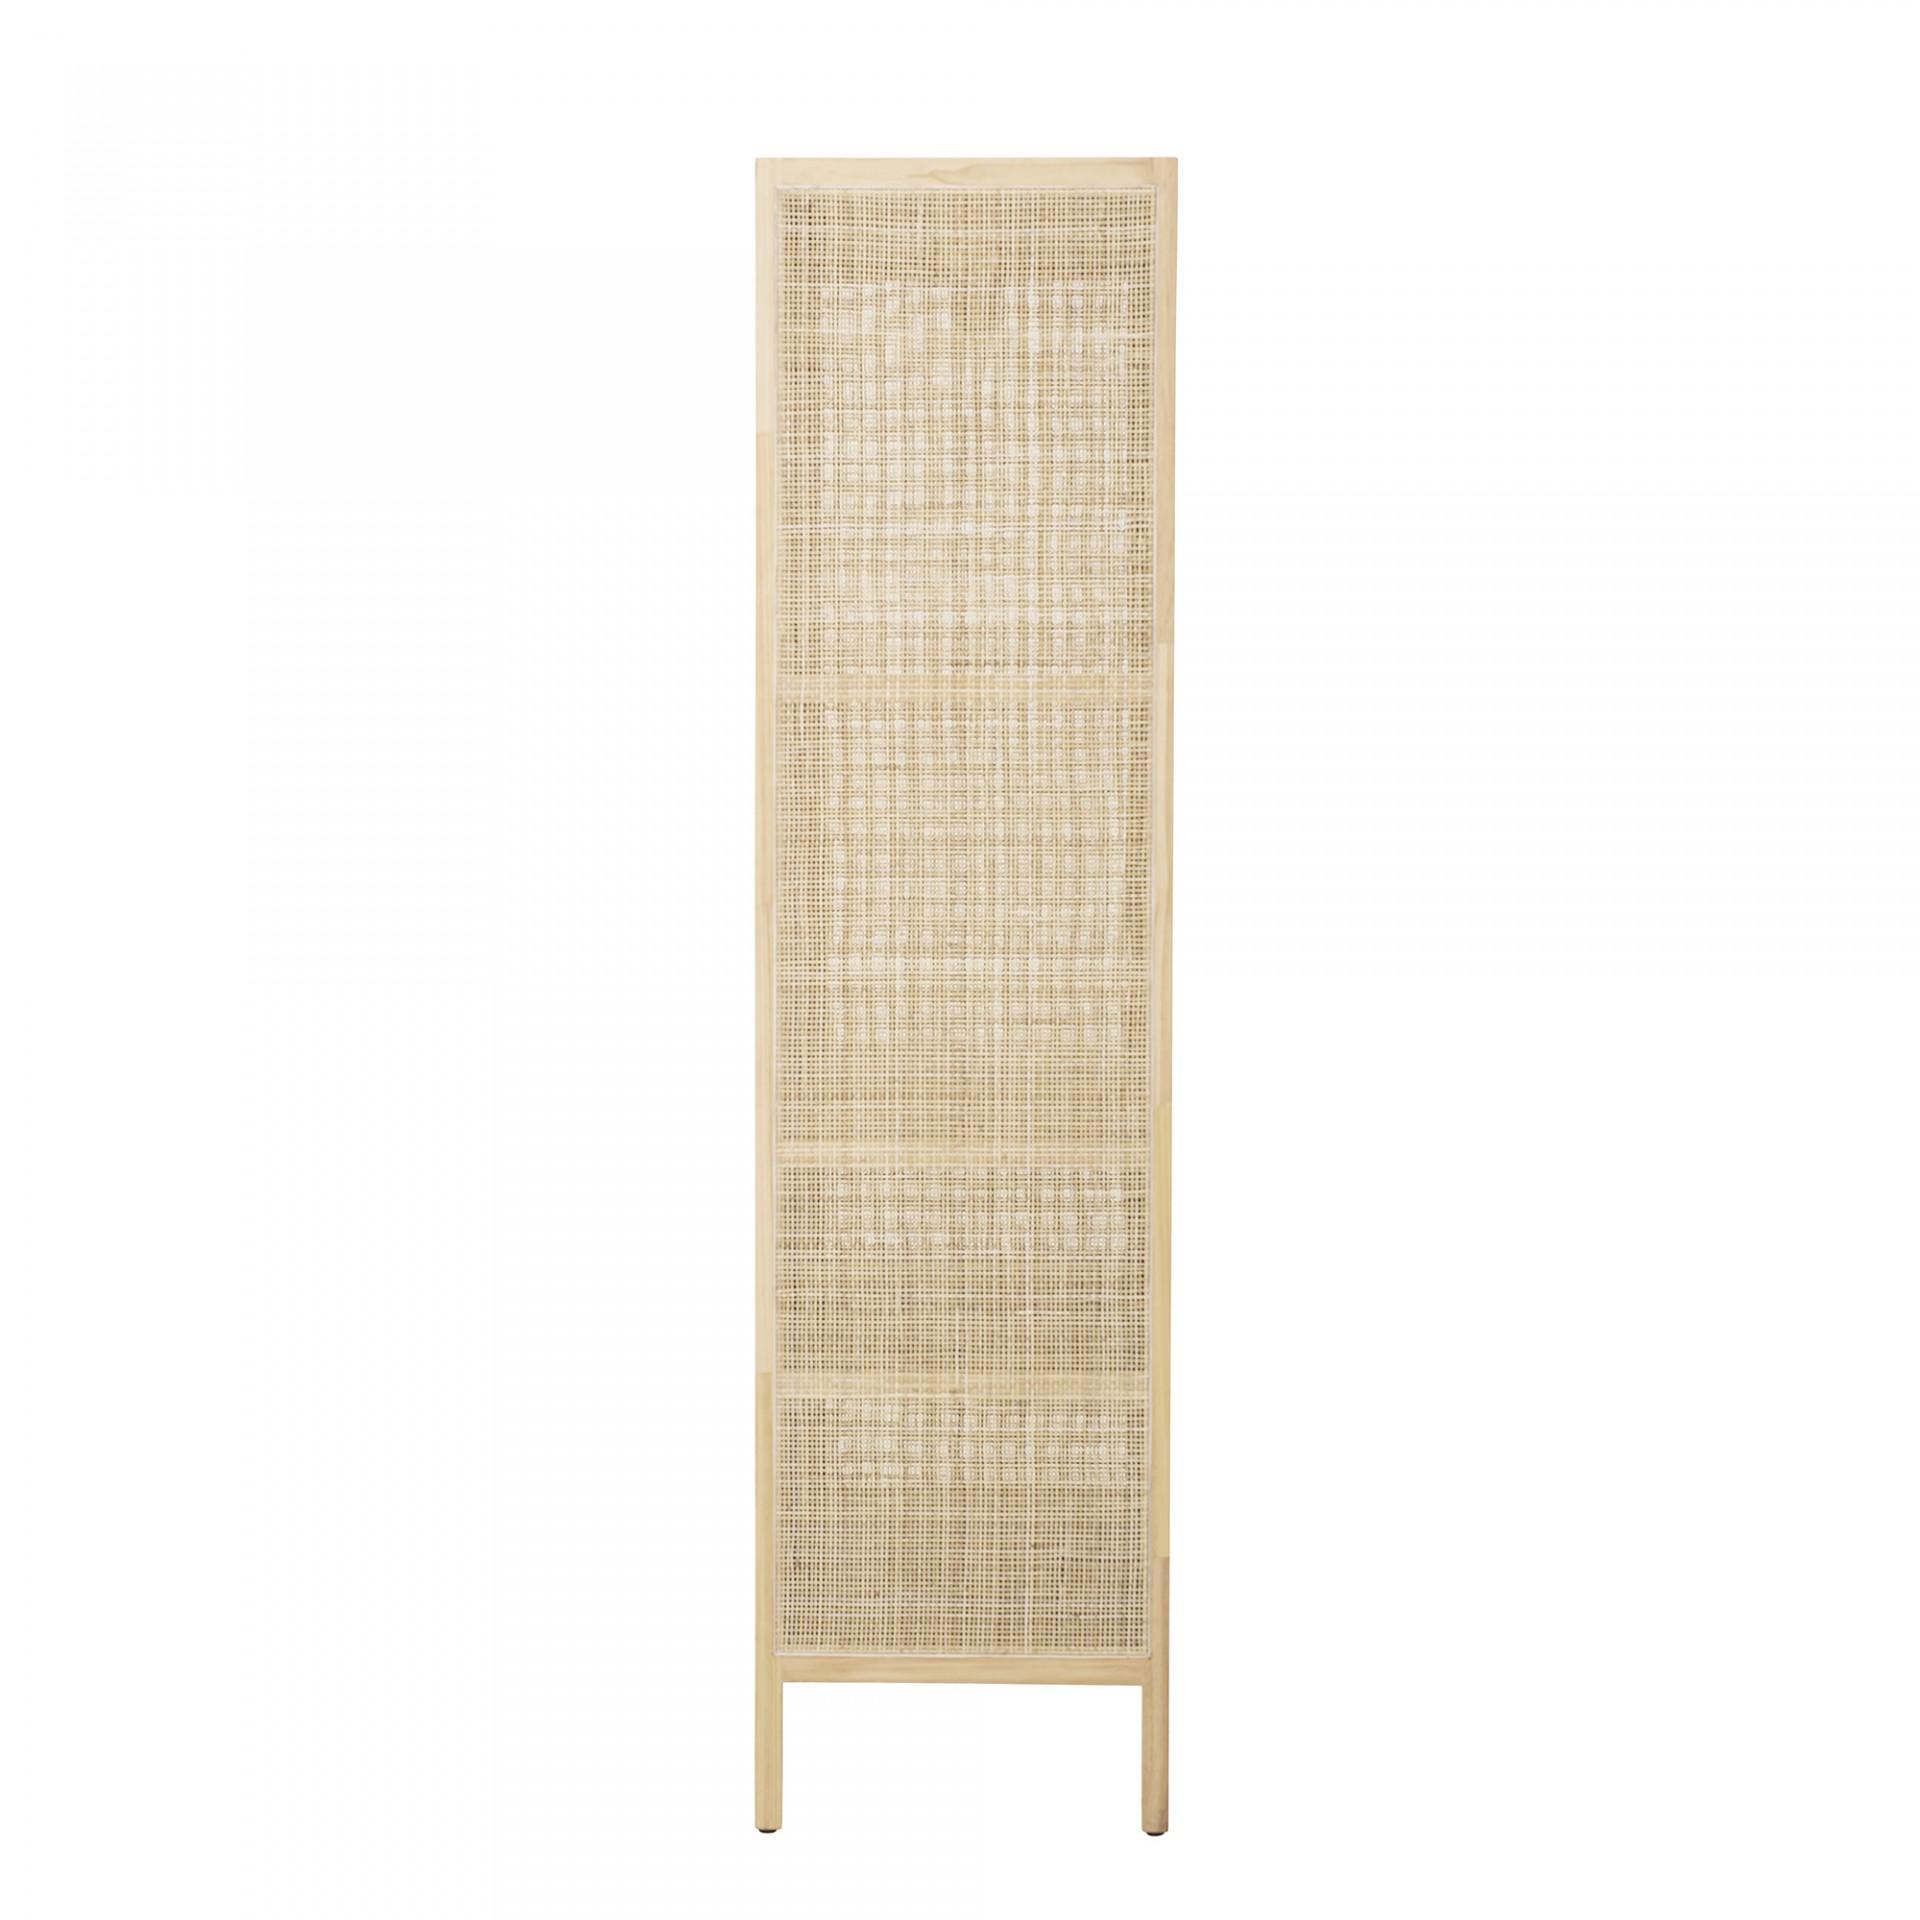 Armário Mariana, madeira de pinho/rattan natural, 85x180